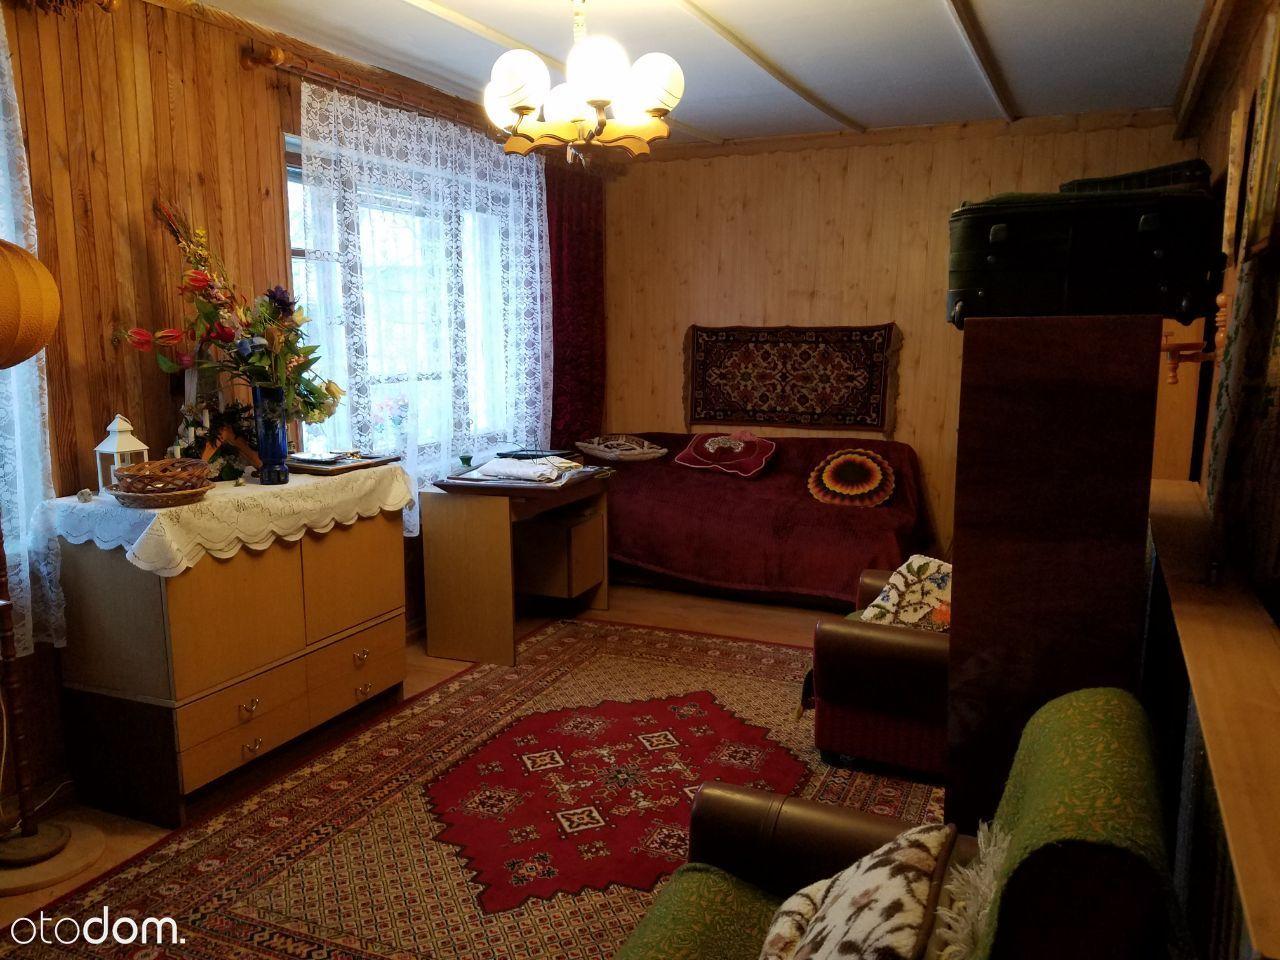 Dom na sprzedaż, Sędziszów Małopolski, ropczycko-sędziszowski, podkarpackie - Foto 9